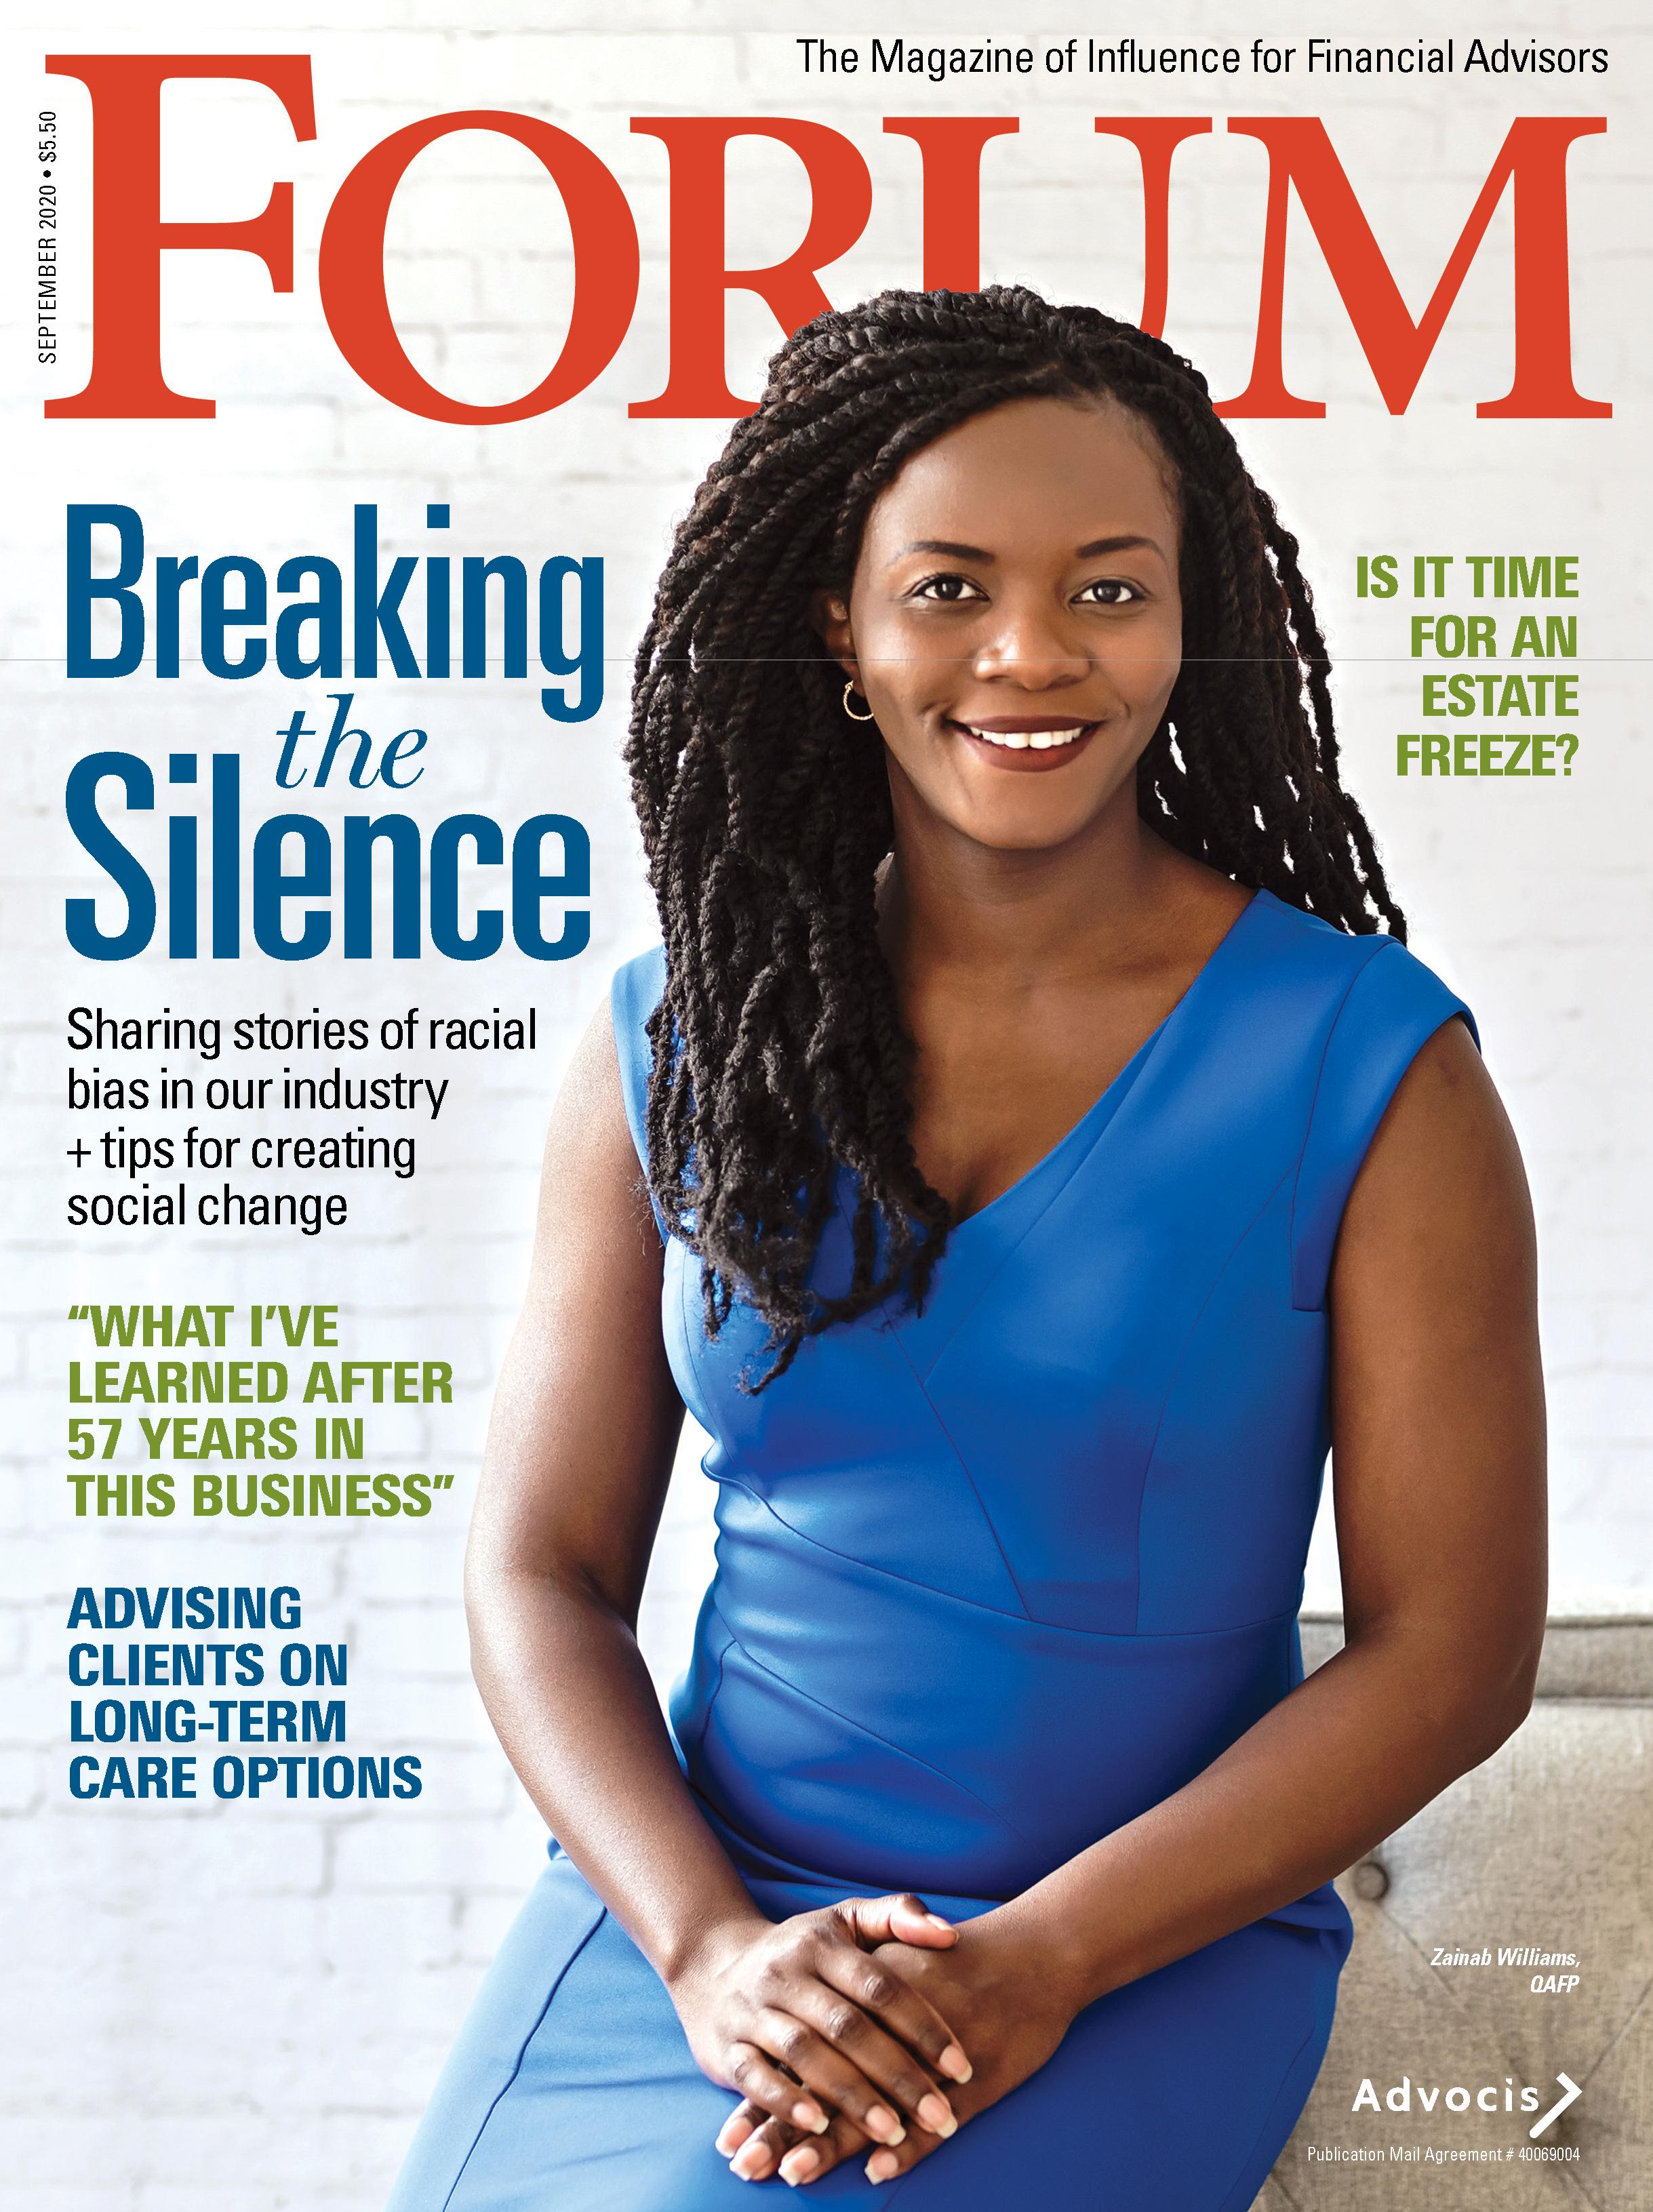 FORUM Magazine - September 2020 1